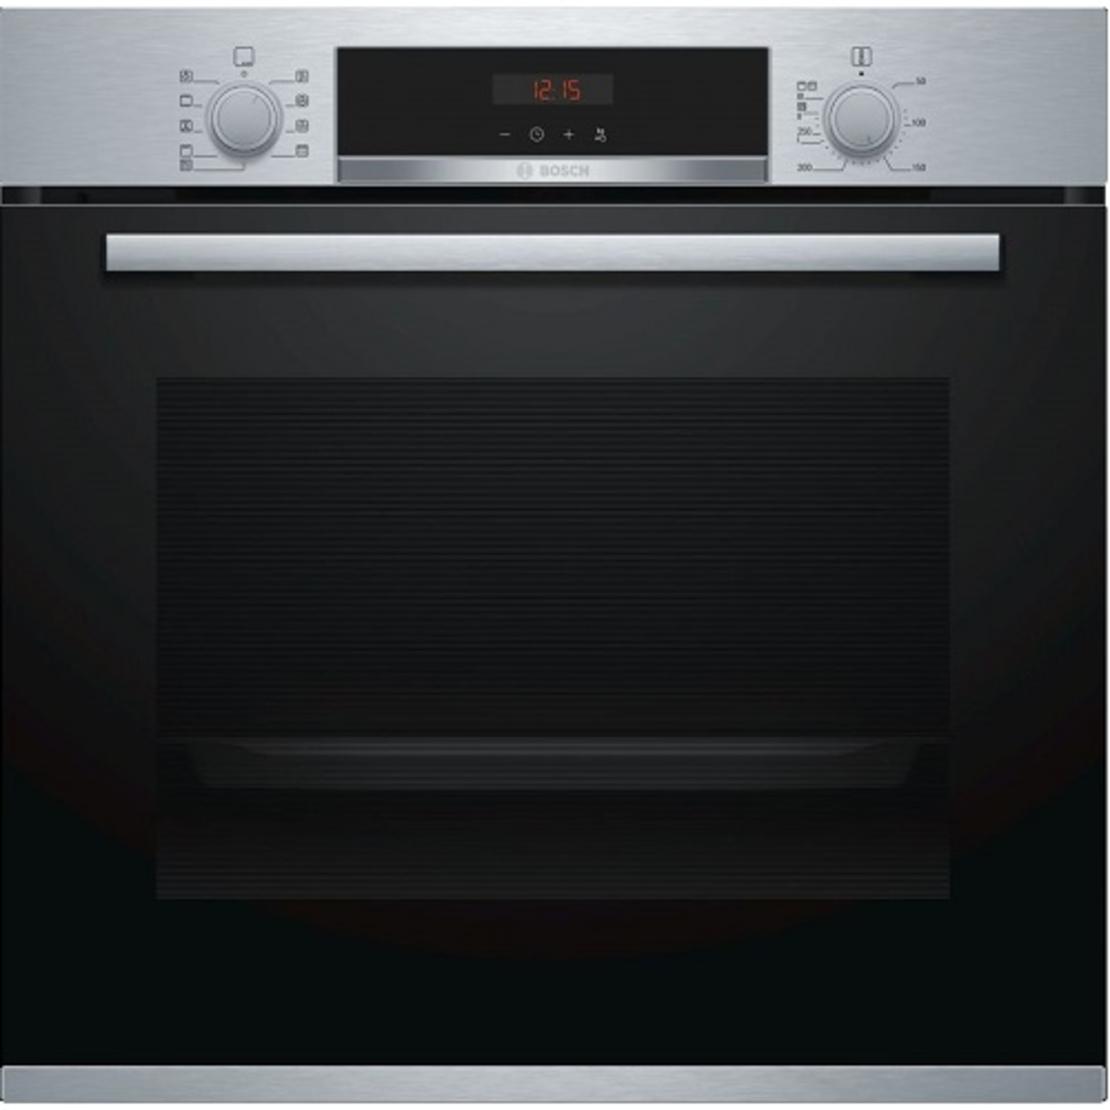 תנור בנוי  בוש פירוליטי Bosch HBG573BS0Y